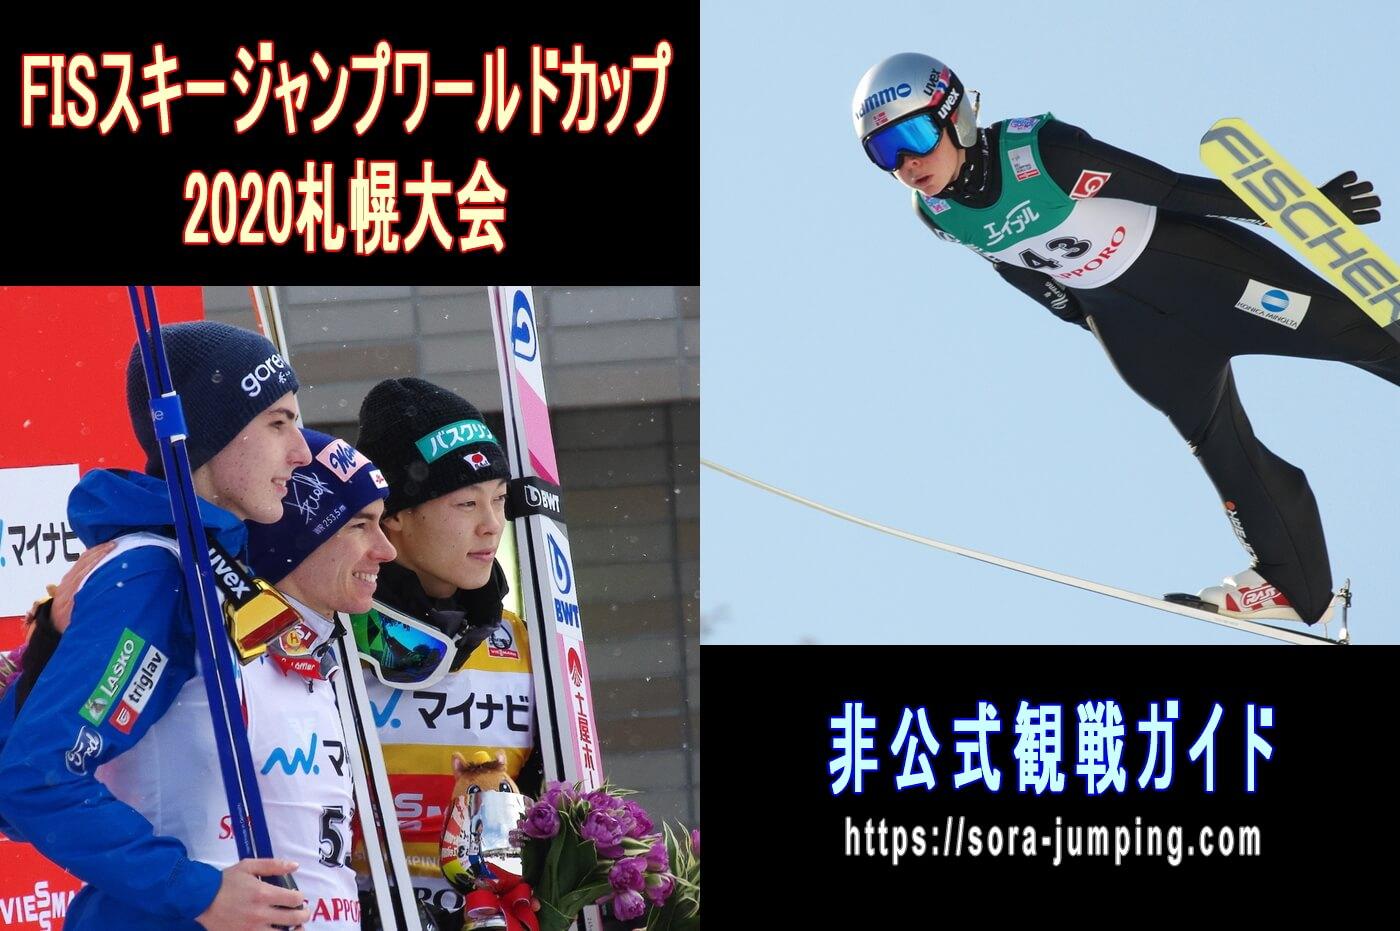 札幌 ワールド カップ スキー ジャンプ FISスキージャンプワールドカップ・ウィメンズ札幌大会レポート